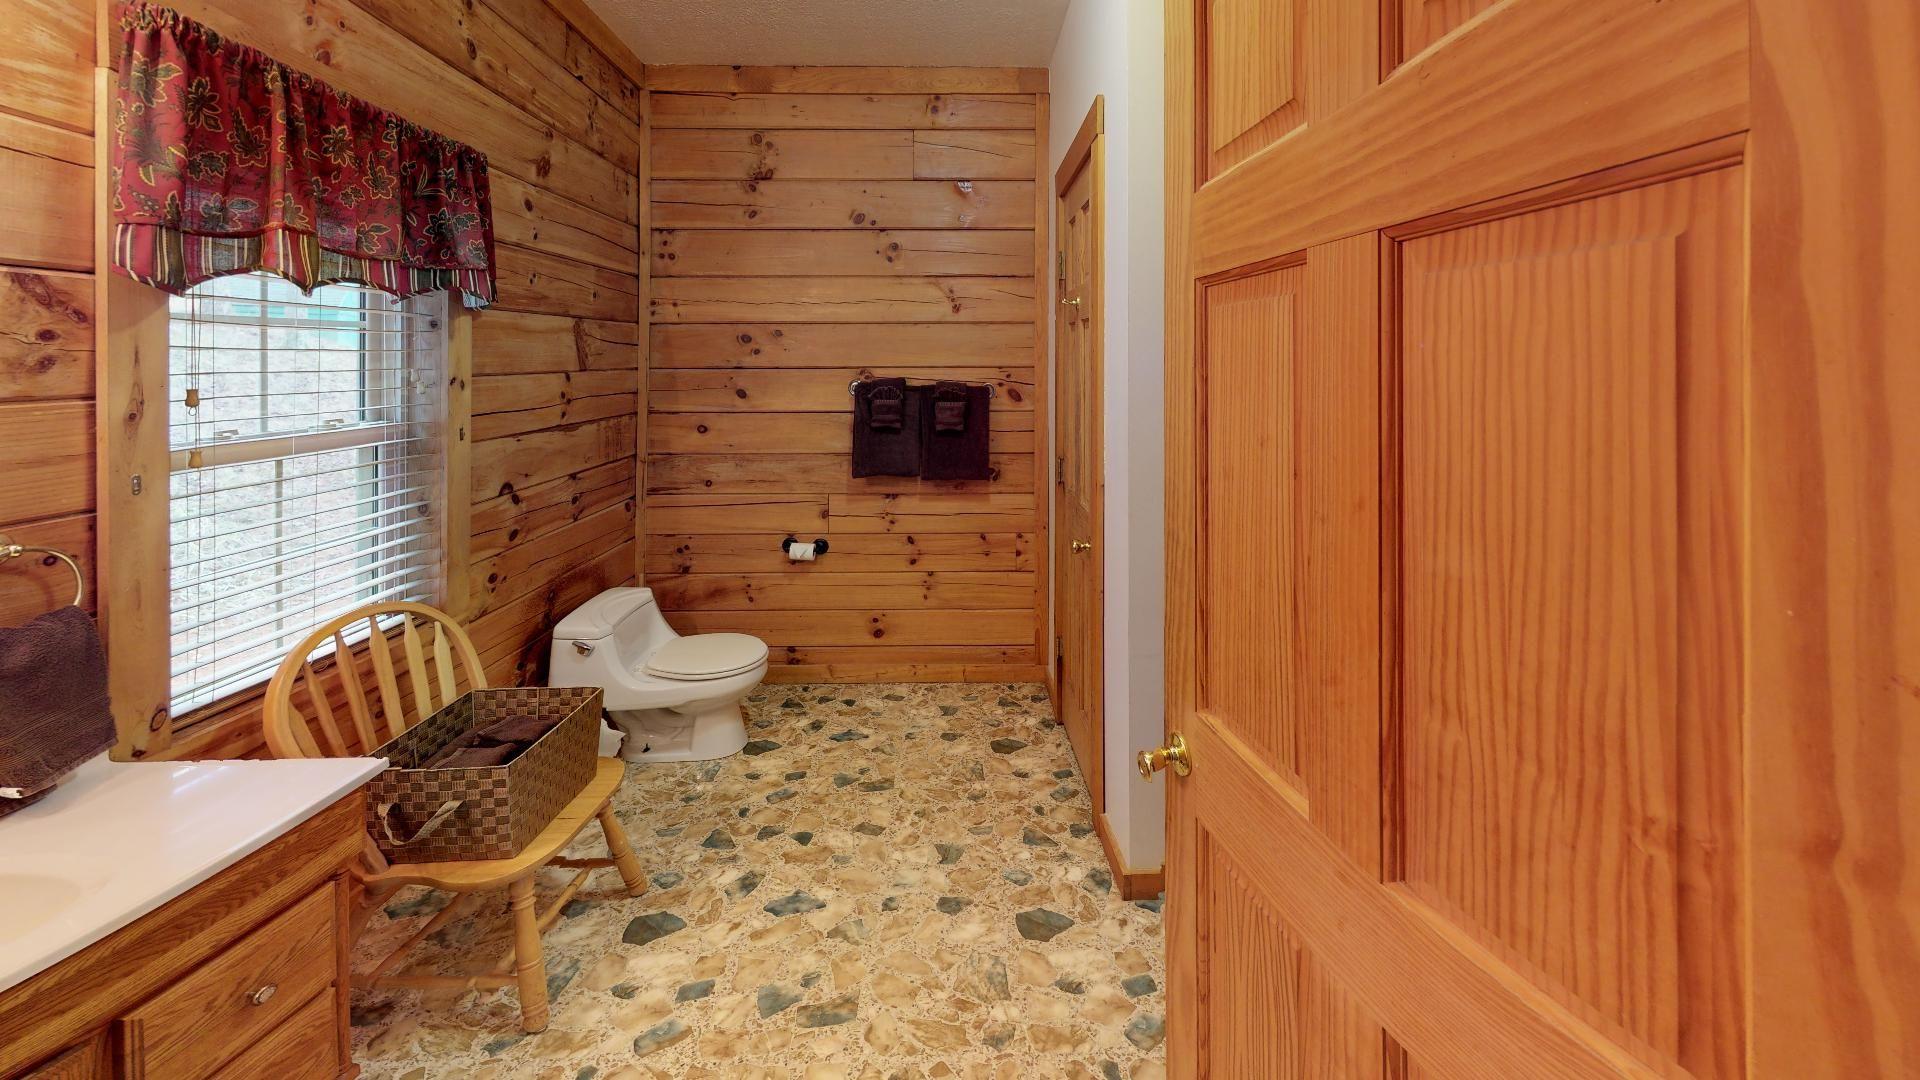 Briarwood Bathroom - Briarwood Bathroom